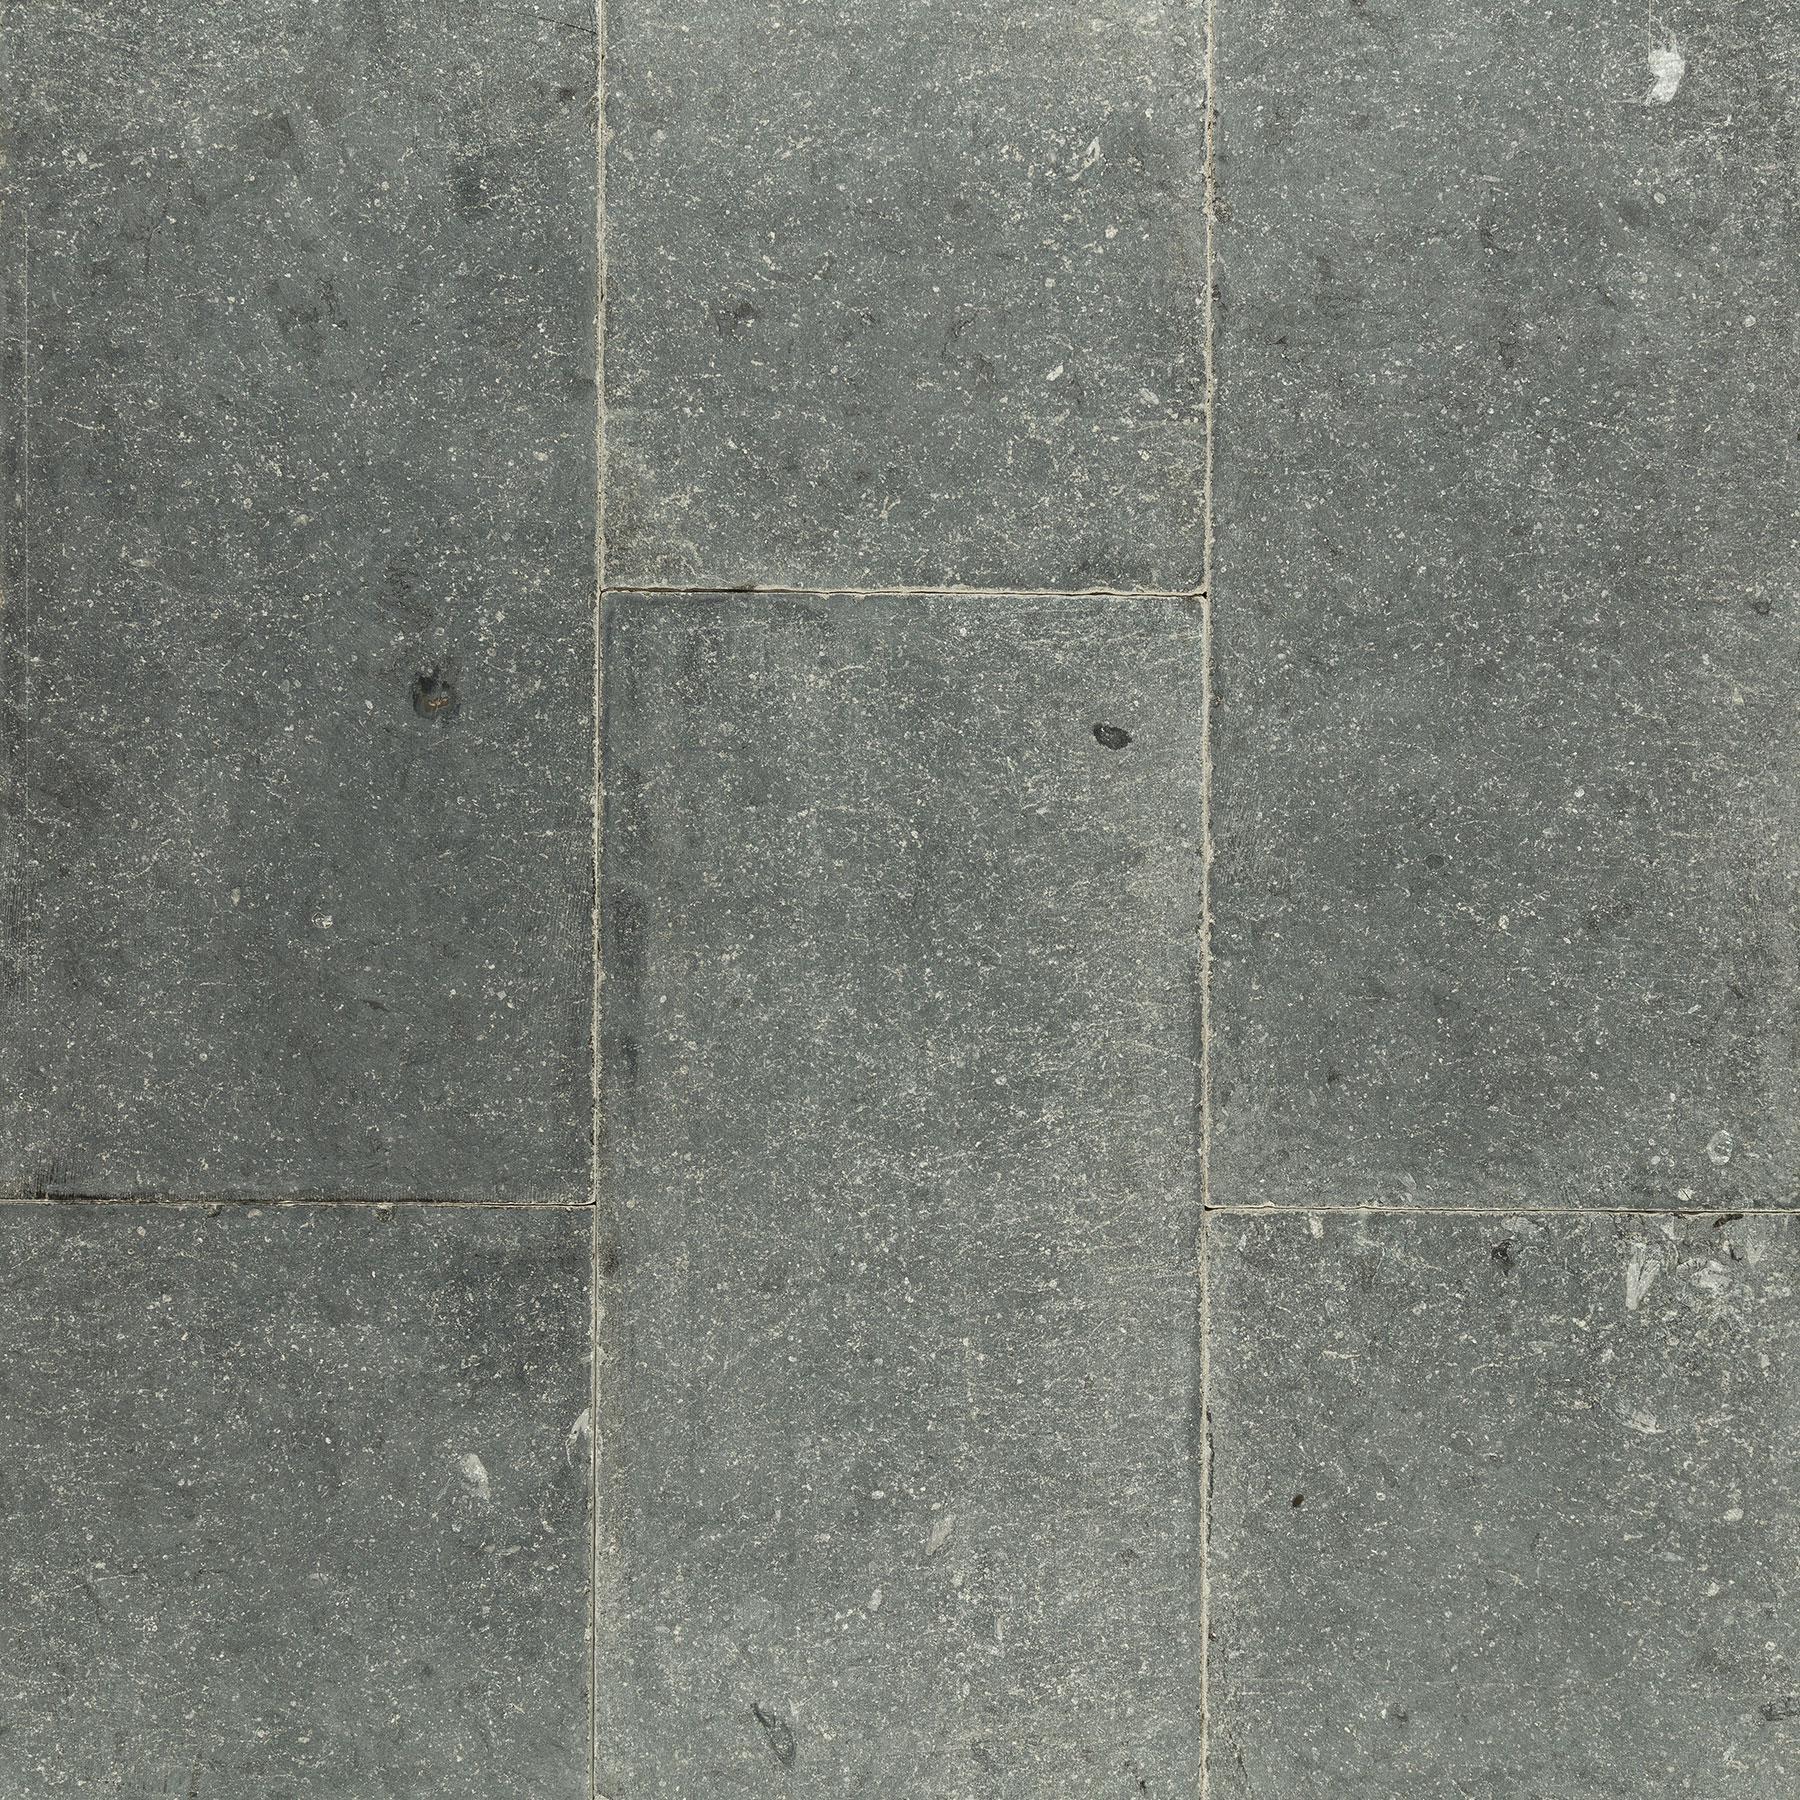 Aalst Belgian Bluestone Flooring